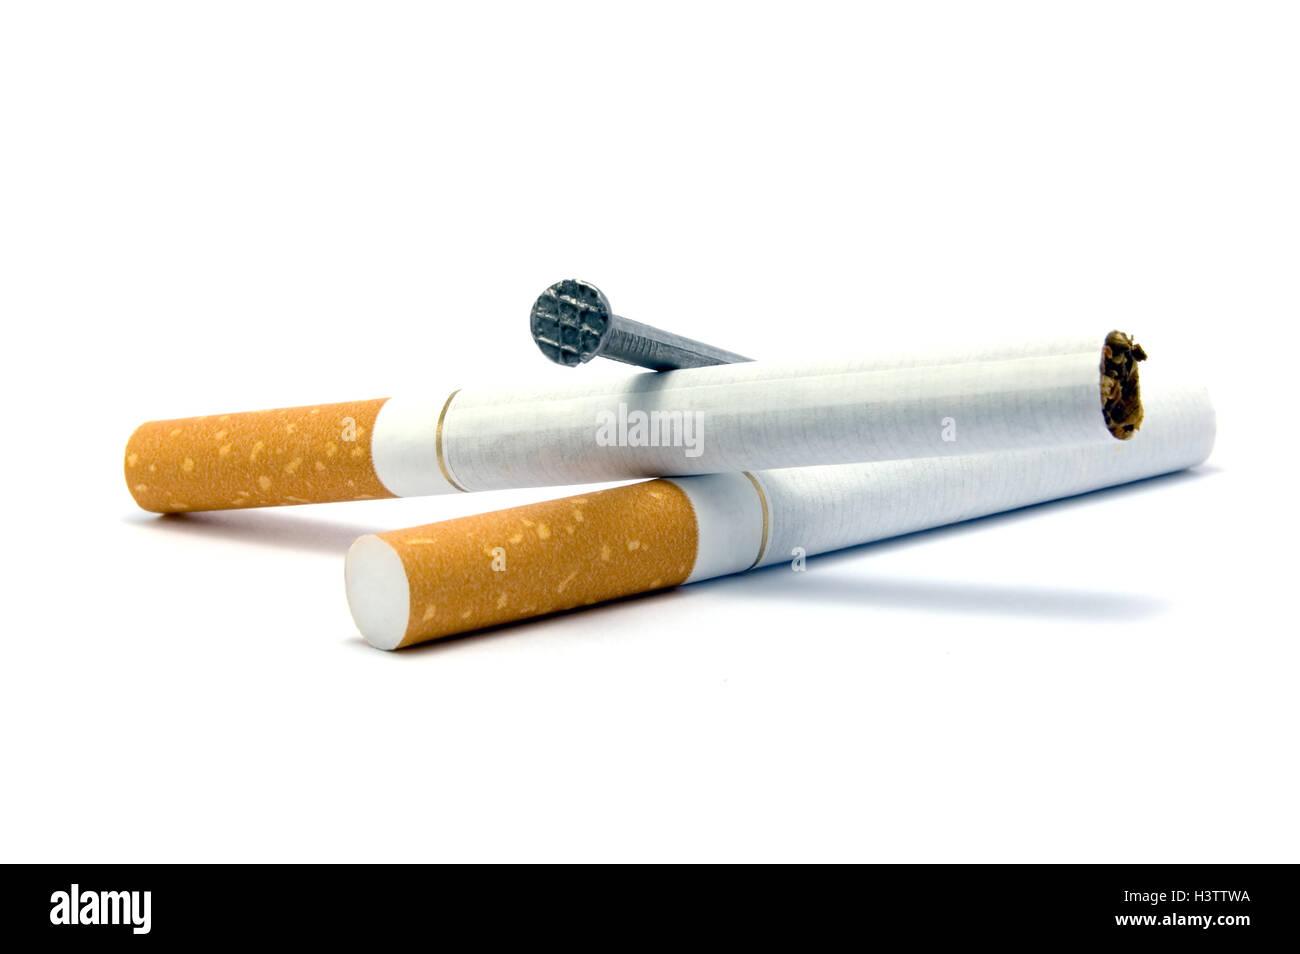 Zigaretten und Sarg Nagel Metapher, Raucherentwöhnung Konzept, große ...